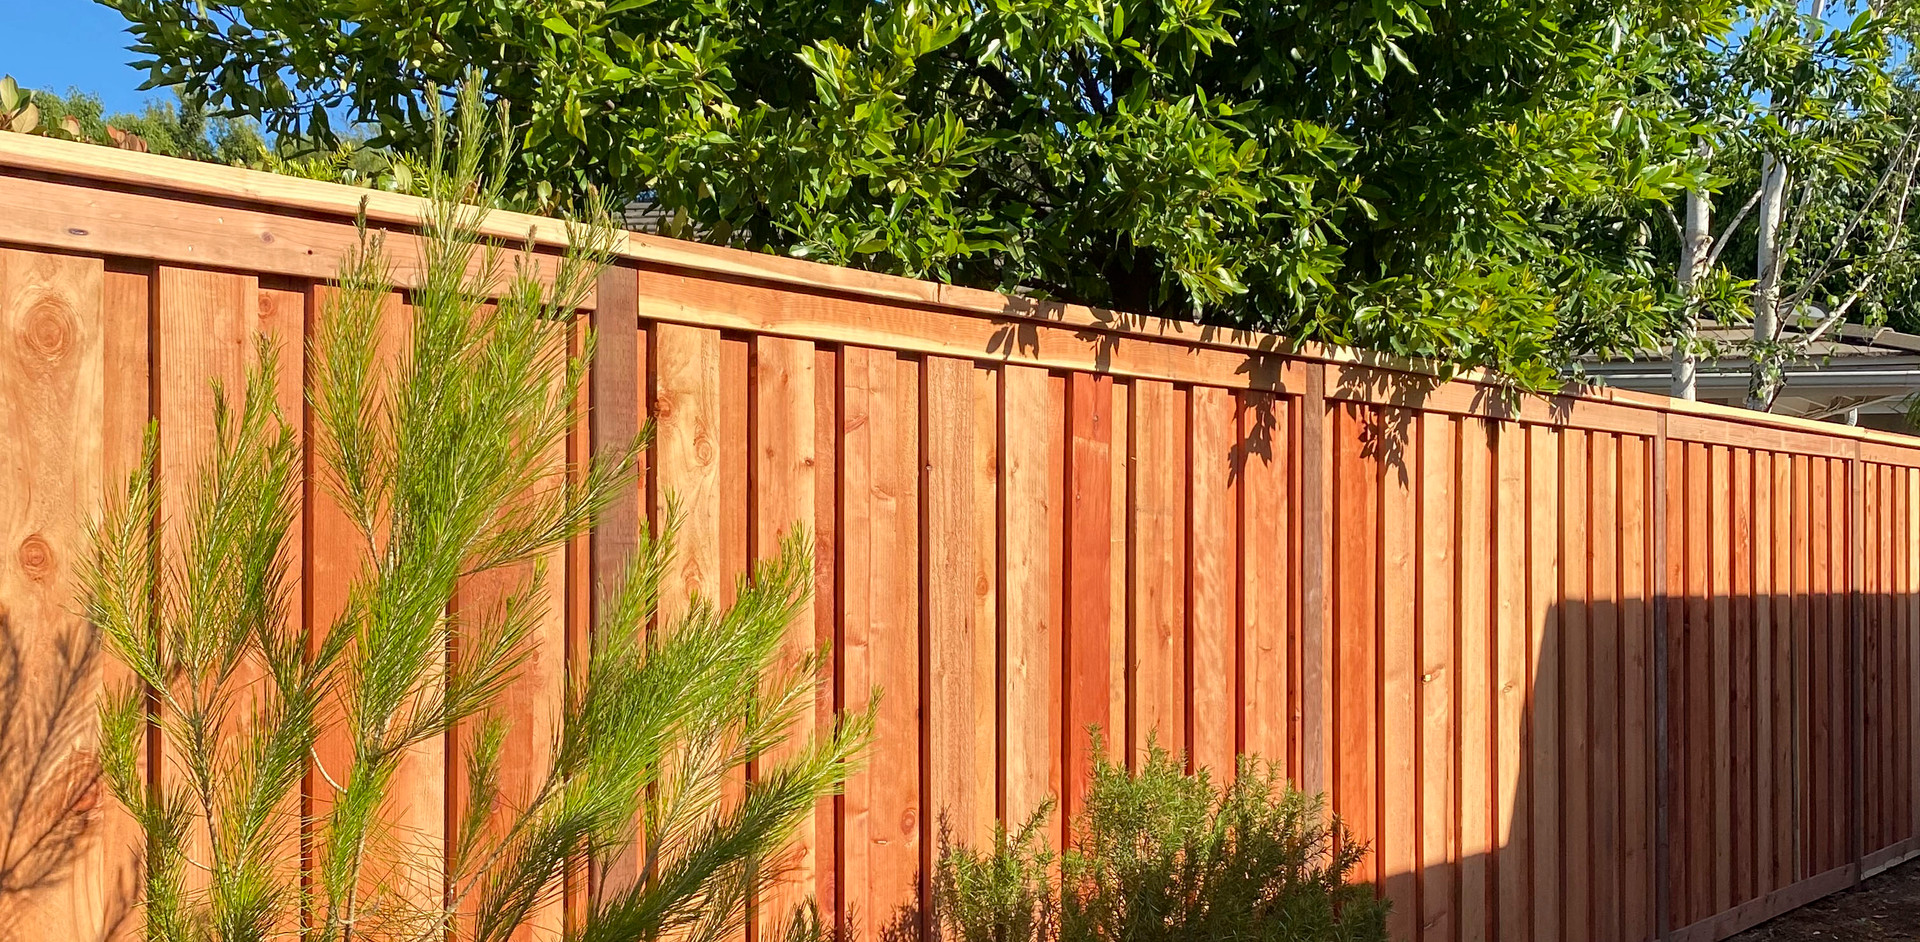 Board-on-Board Cap & Trim Redwood